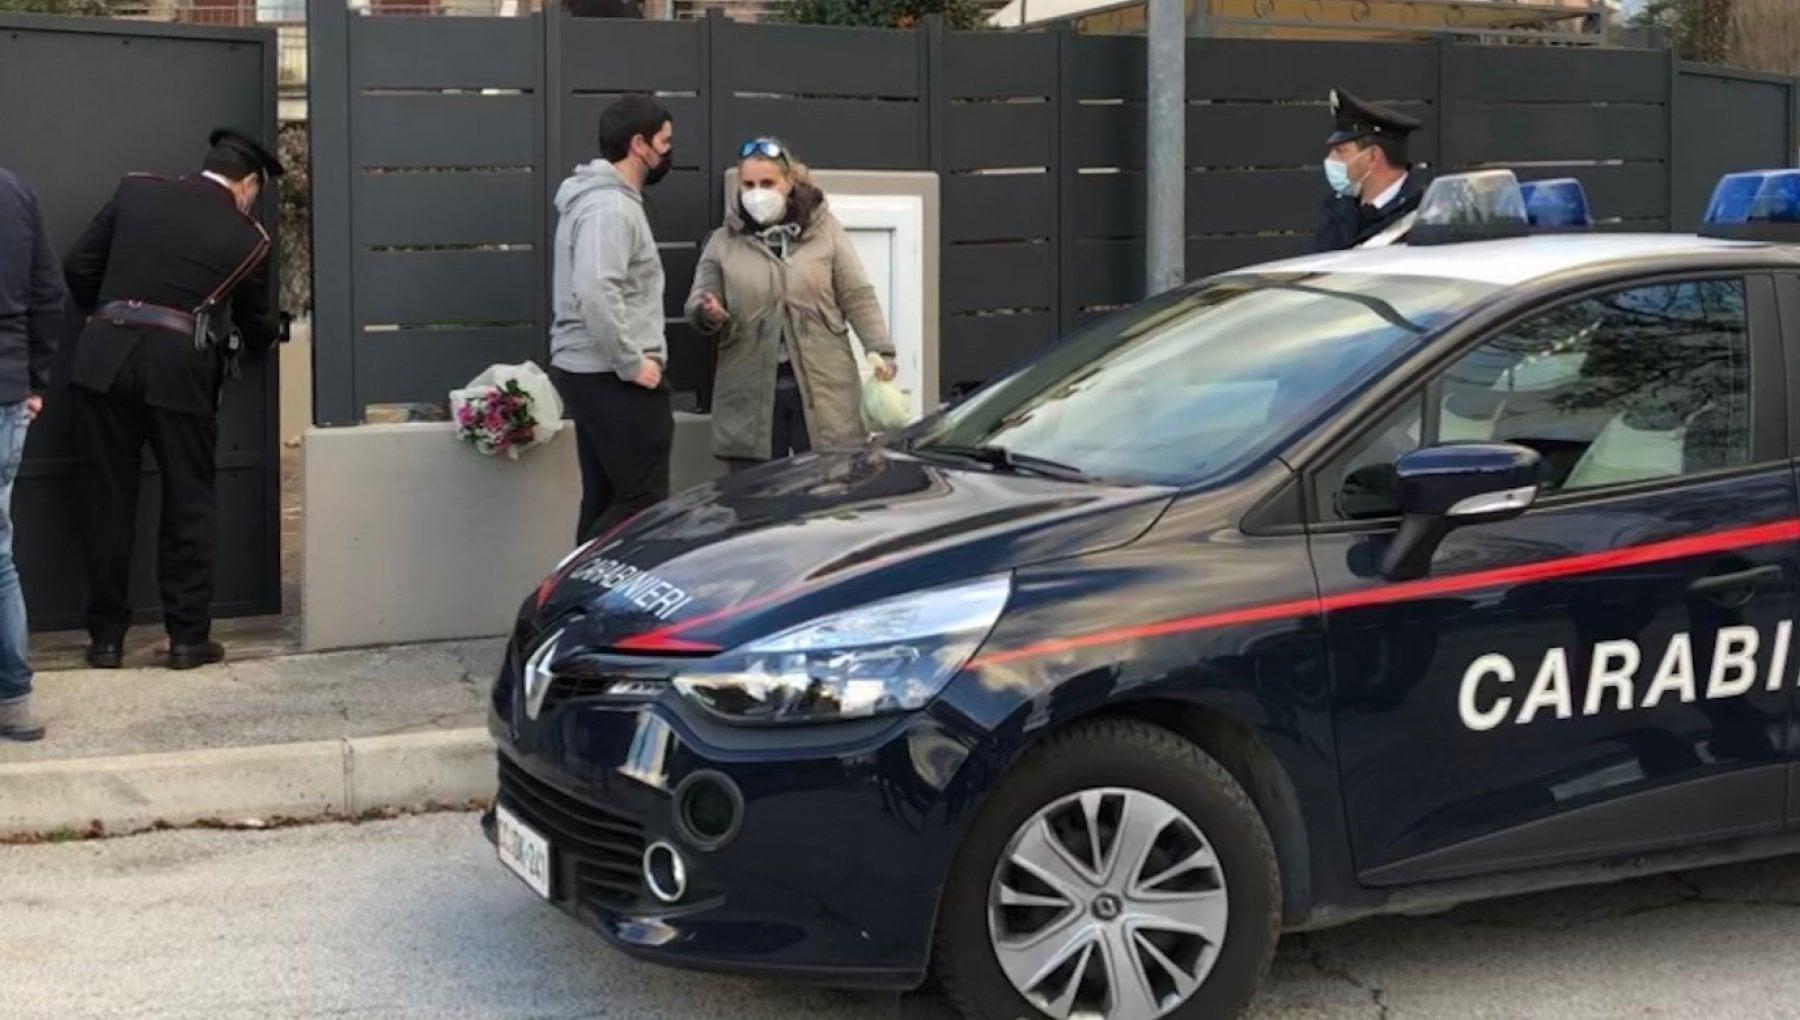 Montecassiano anziana uccisa in casa a Natale. La difesa Ladro entrato dalla finestra. Ma sindaga sulla famiglia per concorso in omicidio e maltrattamenti